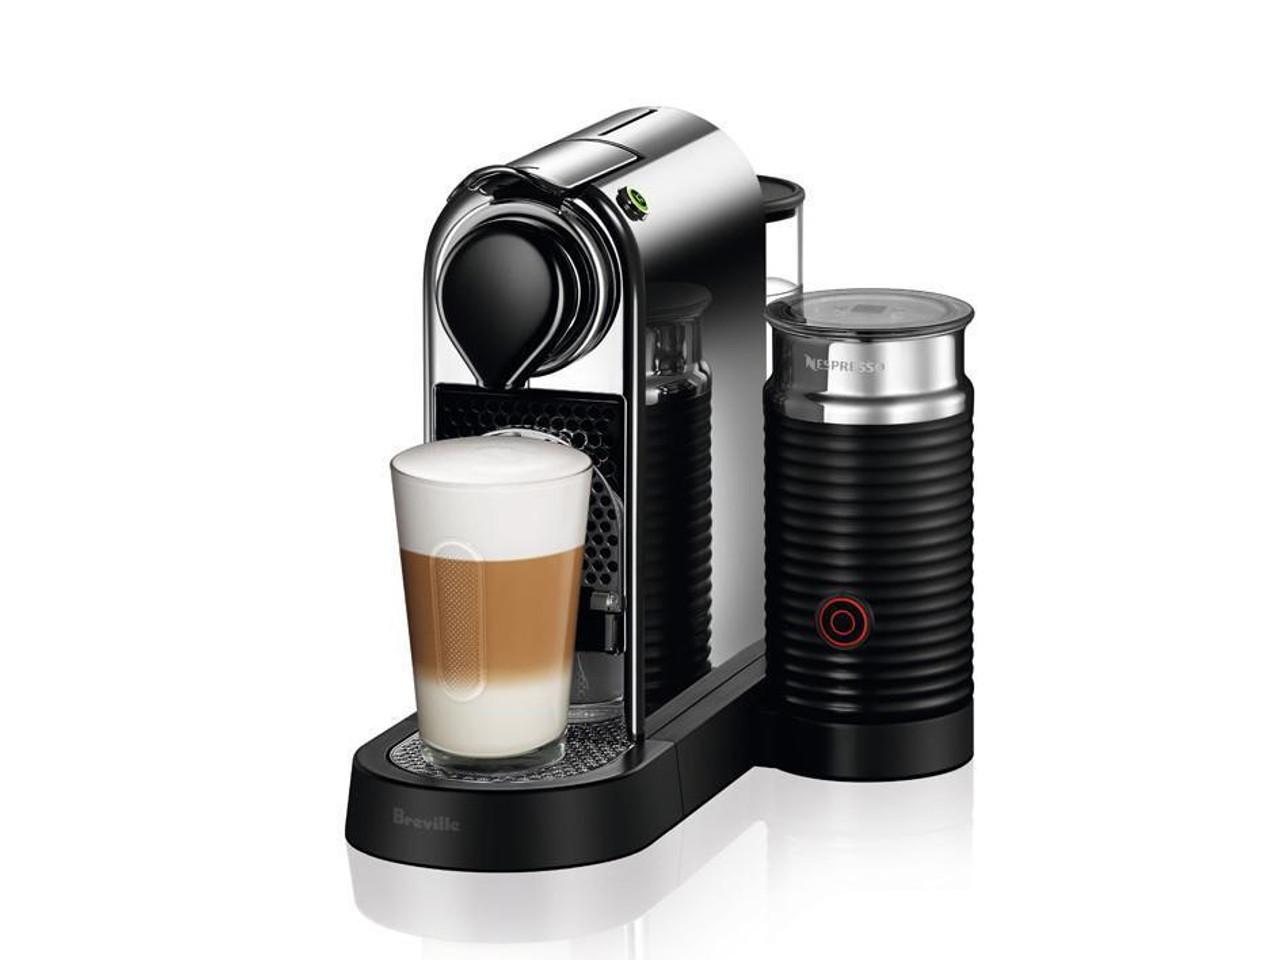 Breville BEC650MC CitiZ & Milk Nespresso Machine - Silver - RRP $399.00